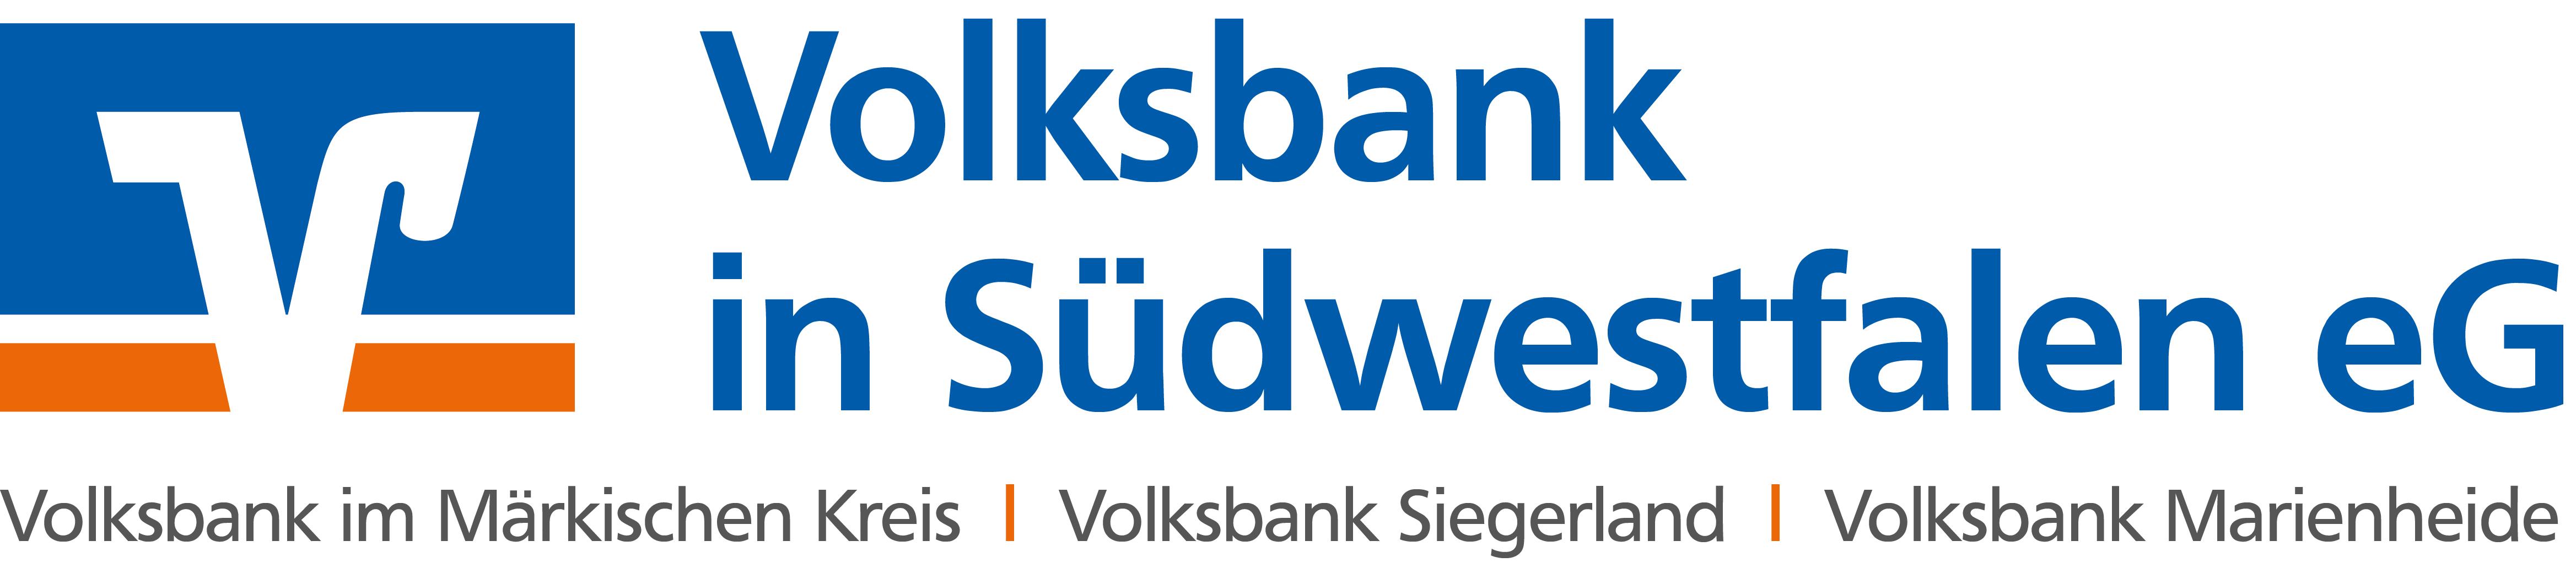 Bildergebnis für volksbank südwestfalen